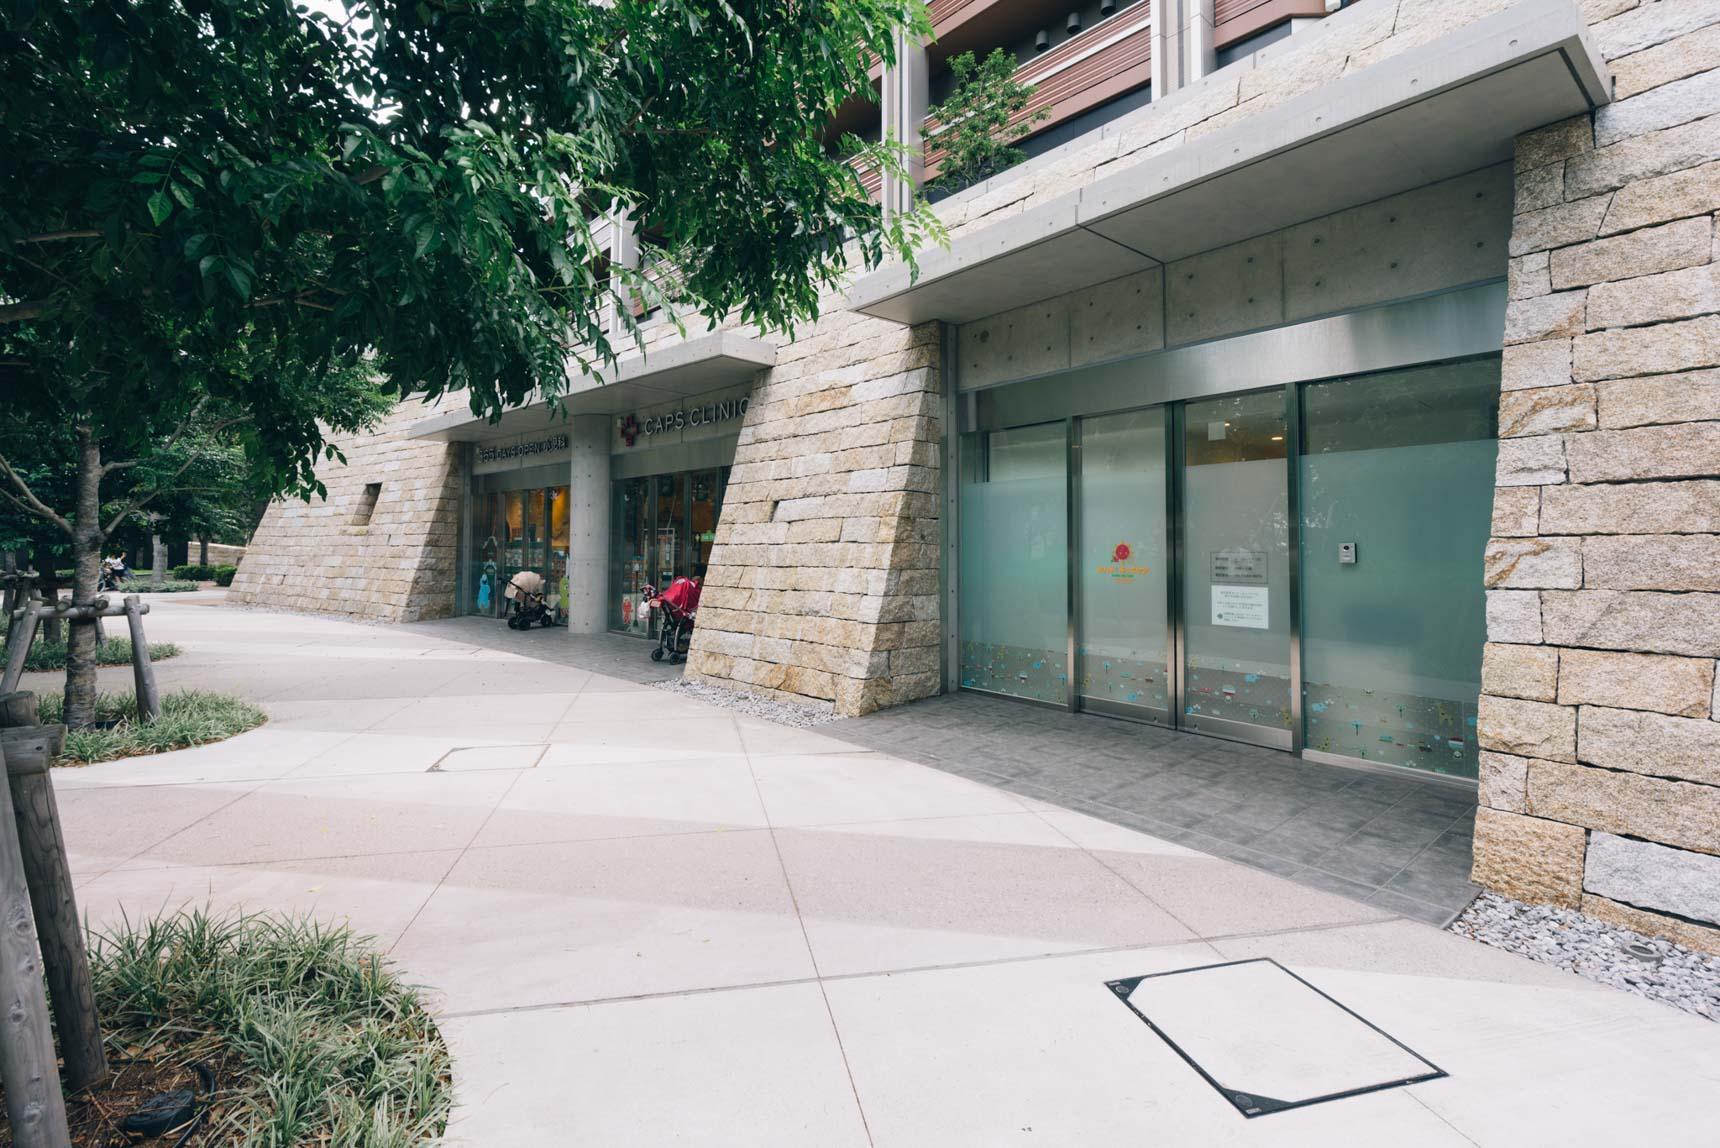 マンション1階の店舗棟には、病児保育の施設や小児科が入居。いざという時にも安心です。